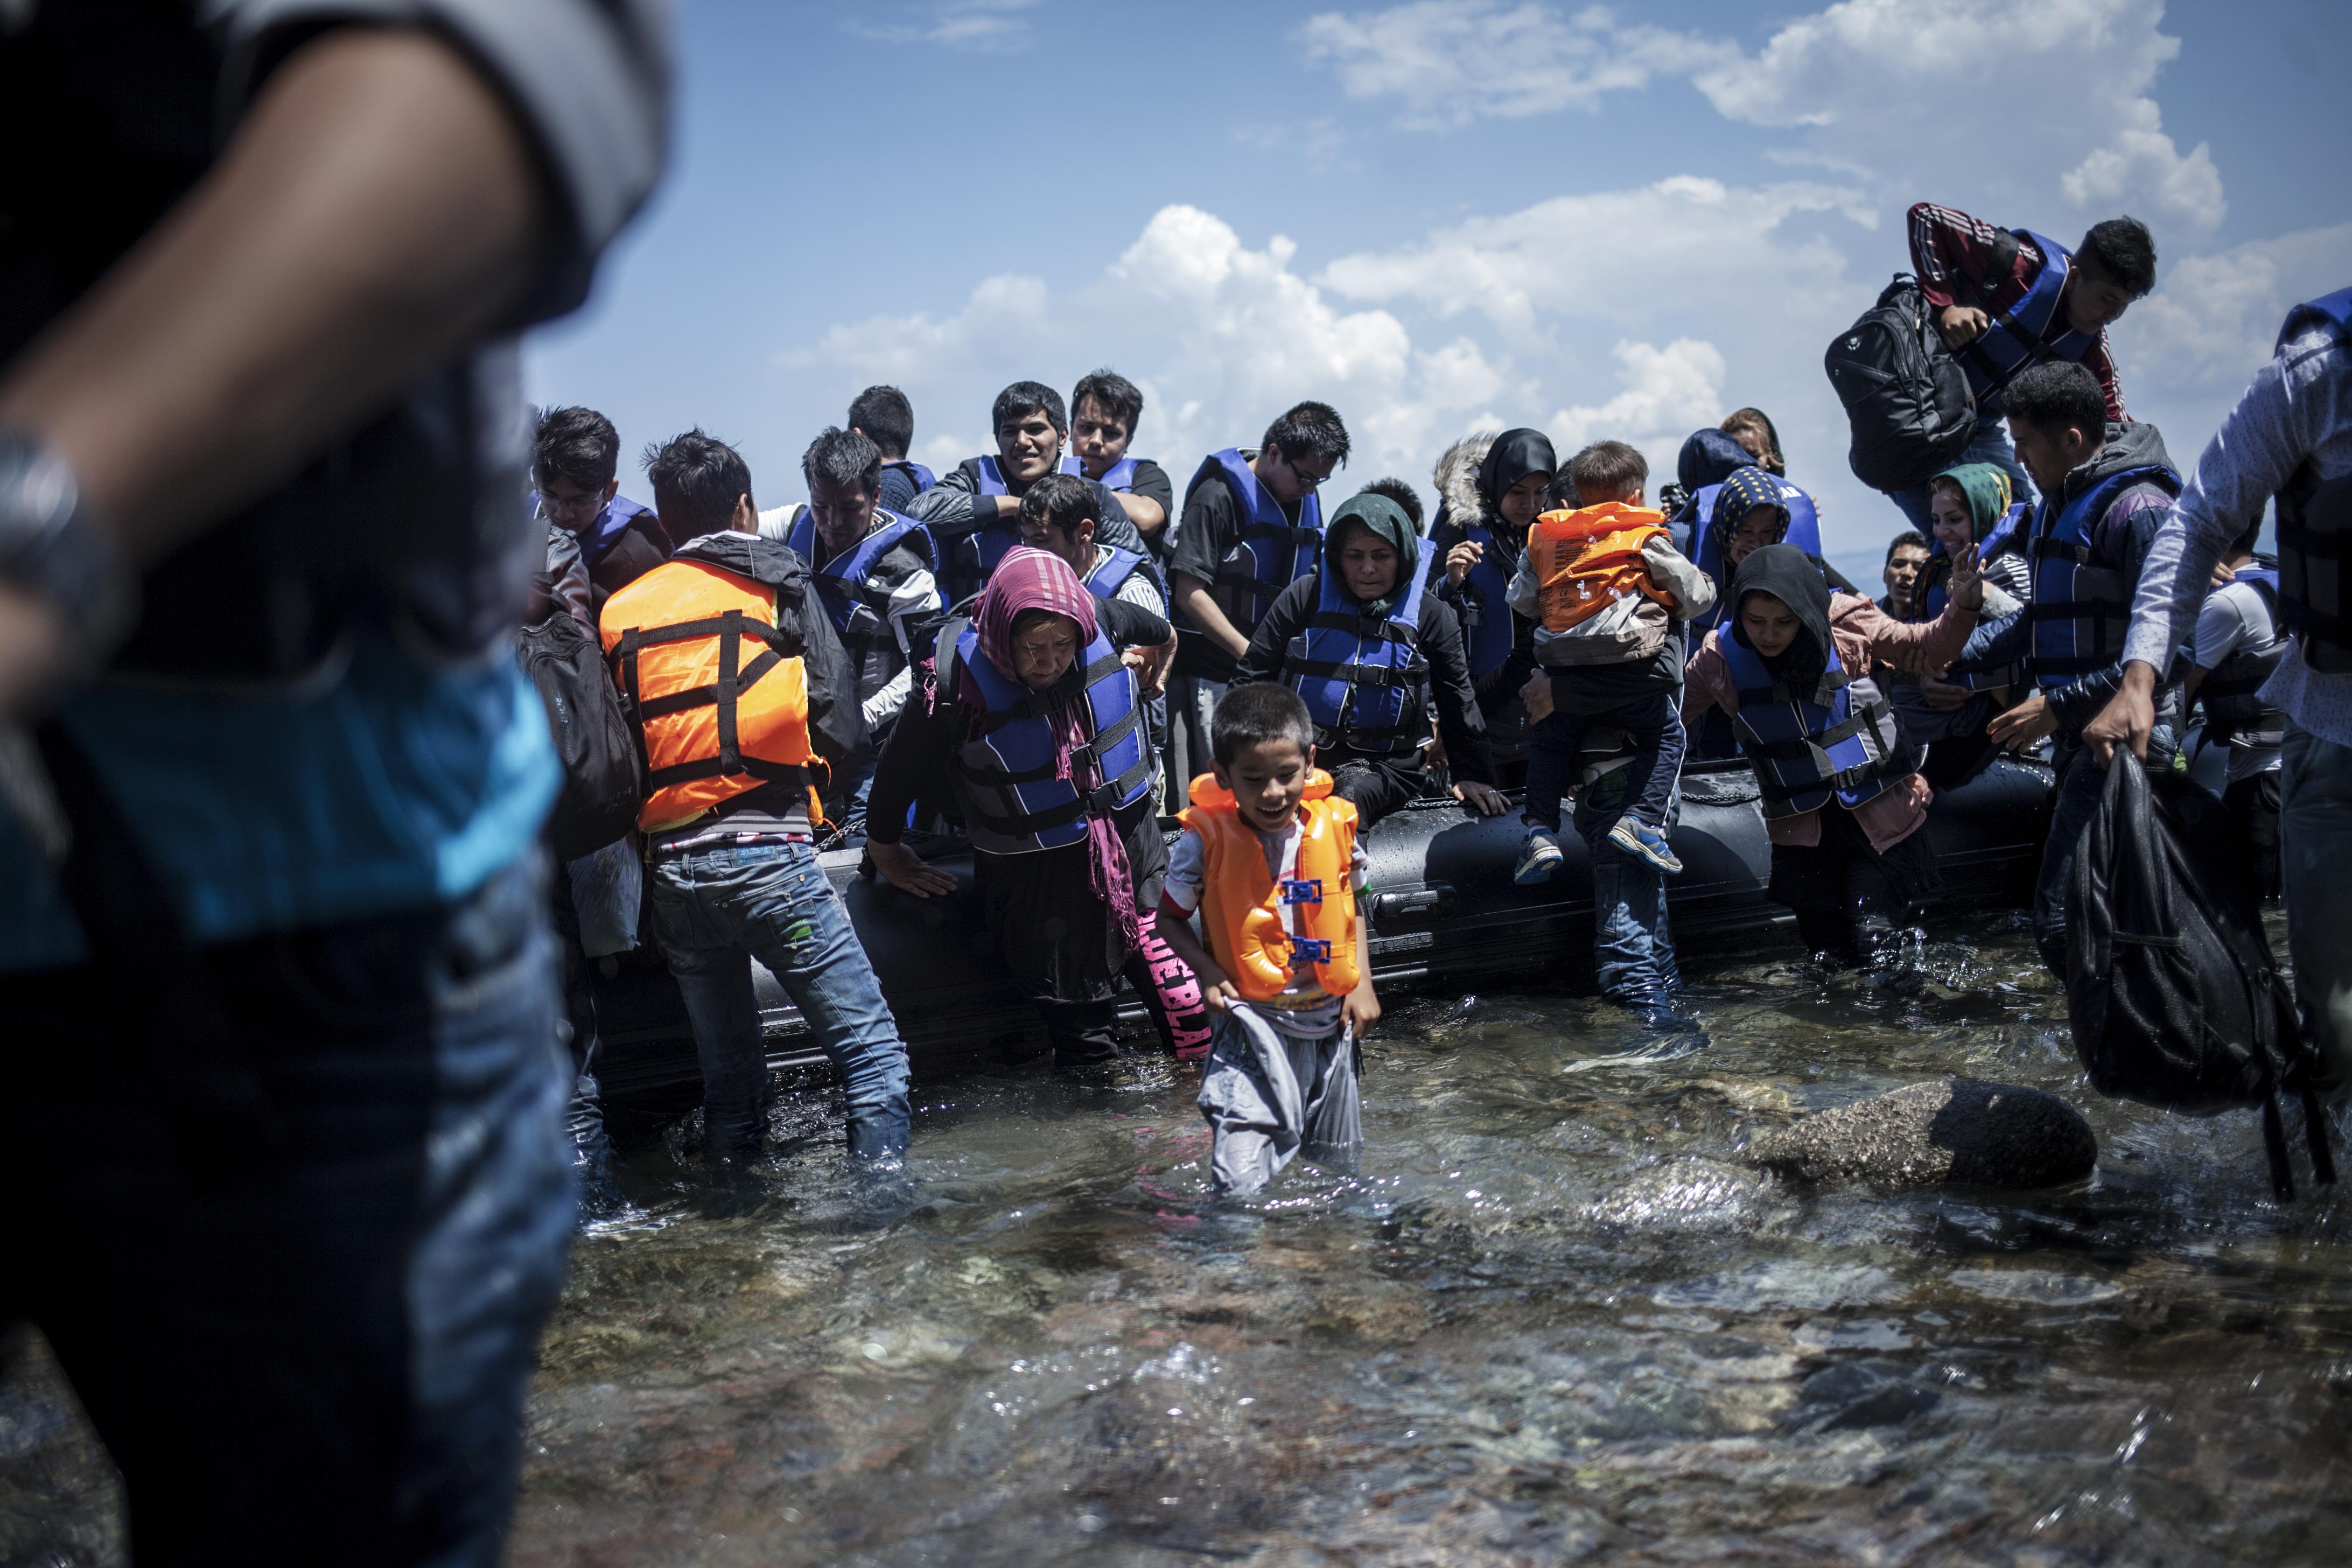 Accordo Ue-Turchia. Quale impatto sul flusso di rifugiati verso la Grecia?